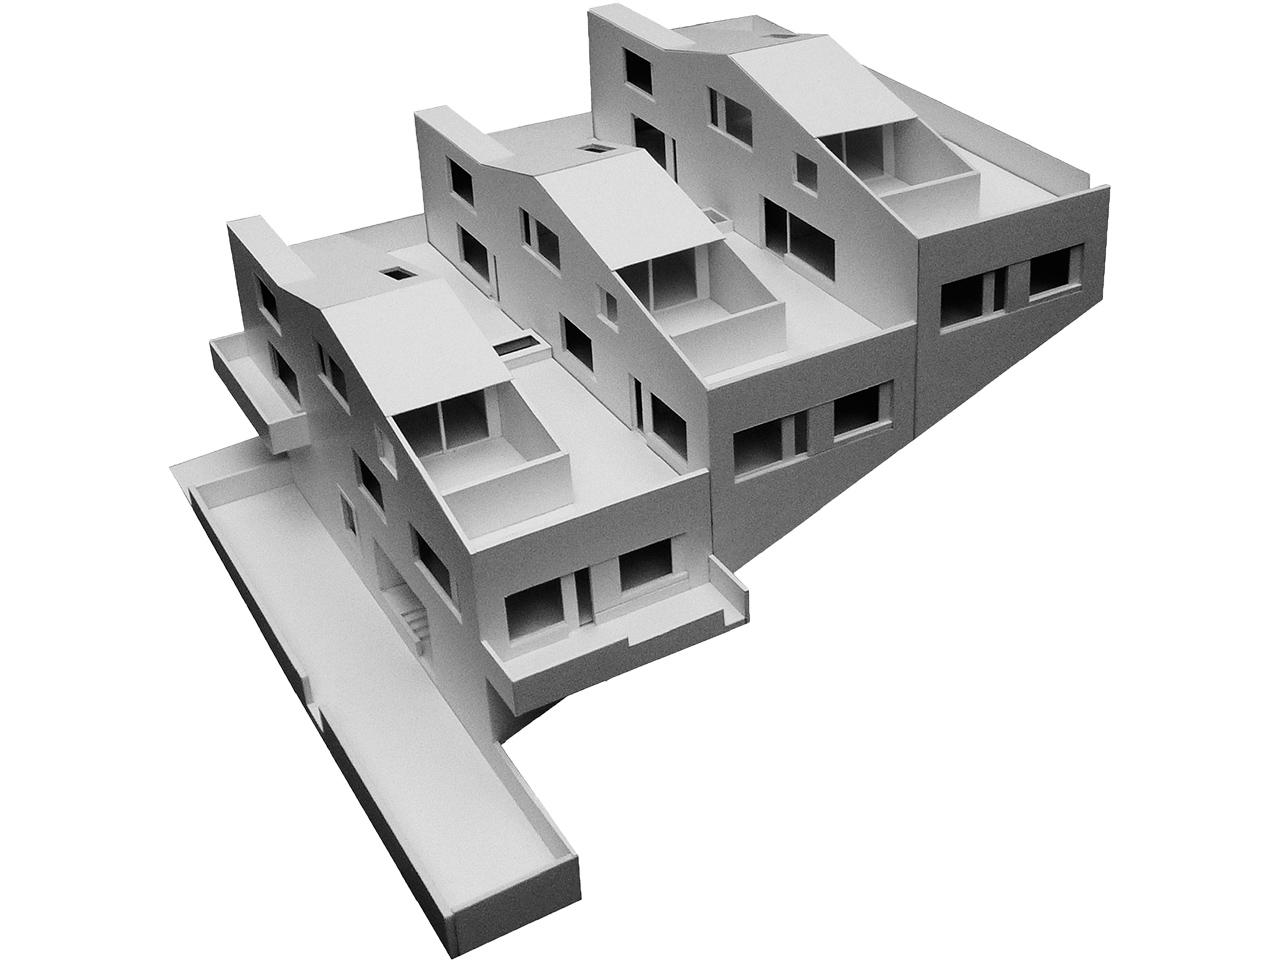 laubhus-architektur-mehrfamilienhaus-th-schuetzenmatt-brugg